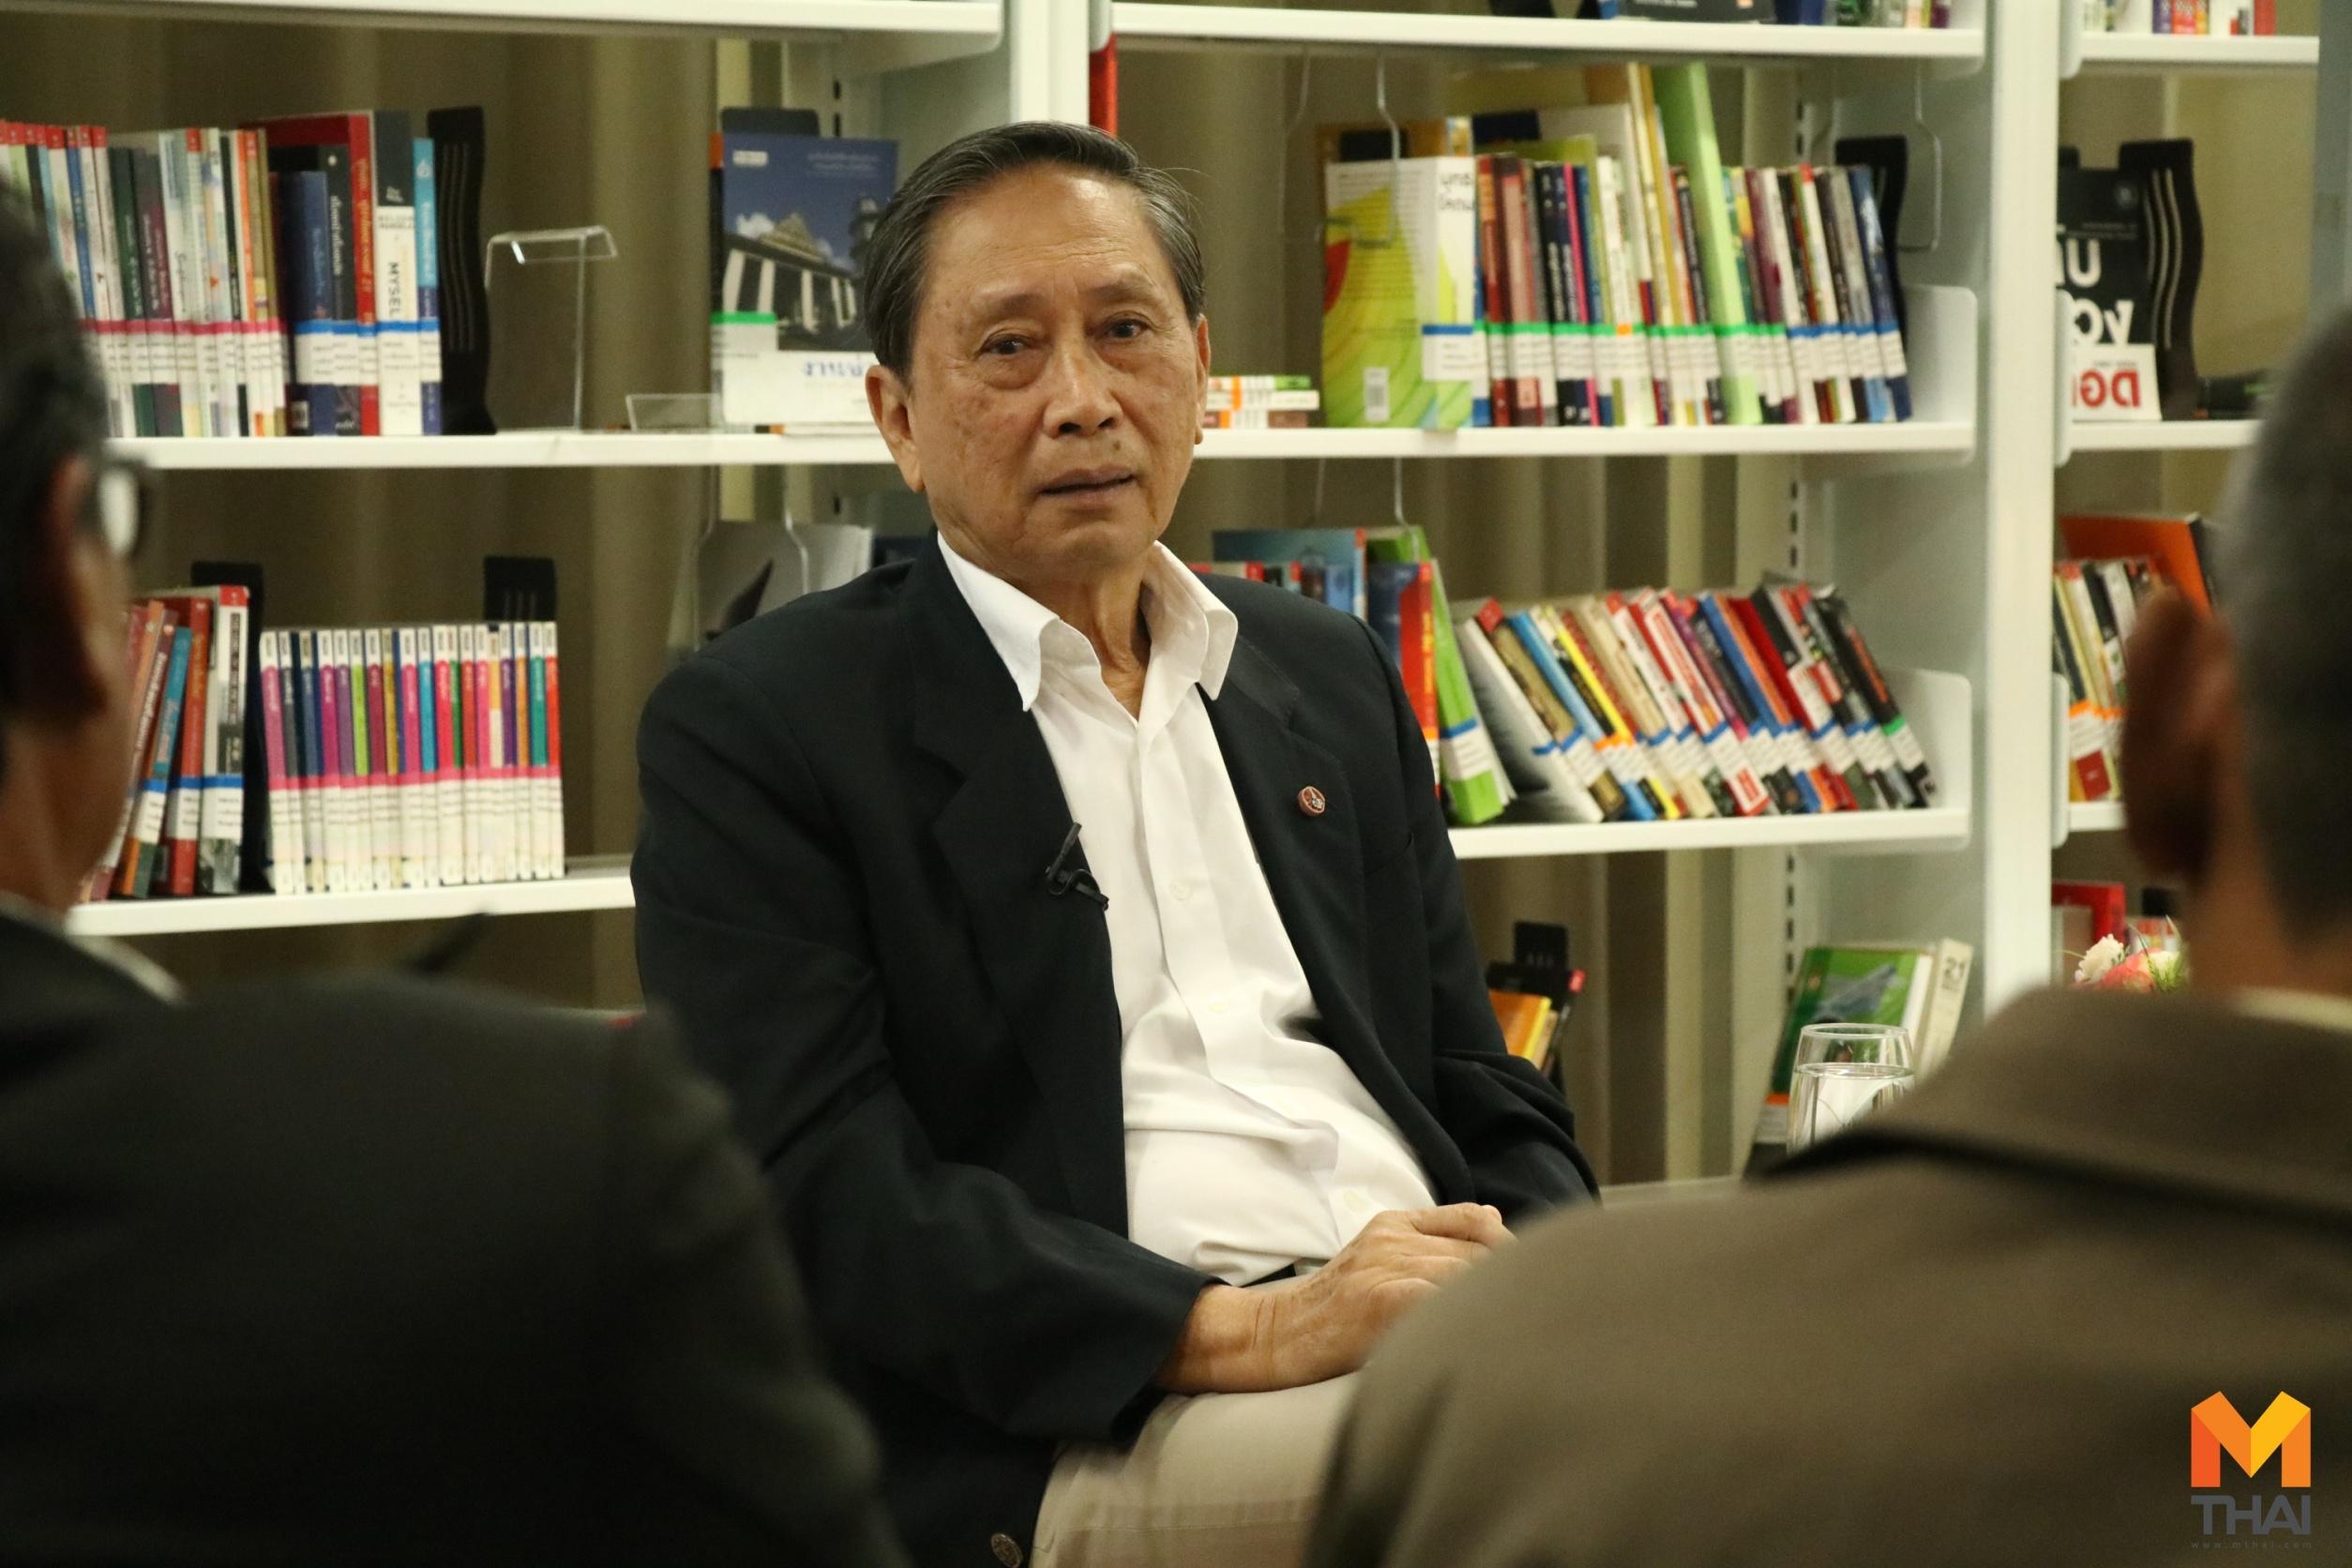 ข่าวสดวันนี้ ที่ดิน ส.ป.ก ปลอดประสพ สุรัสวดี พรรคเพื่อไทย